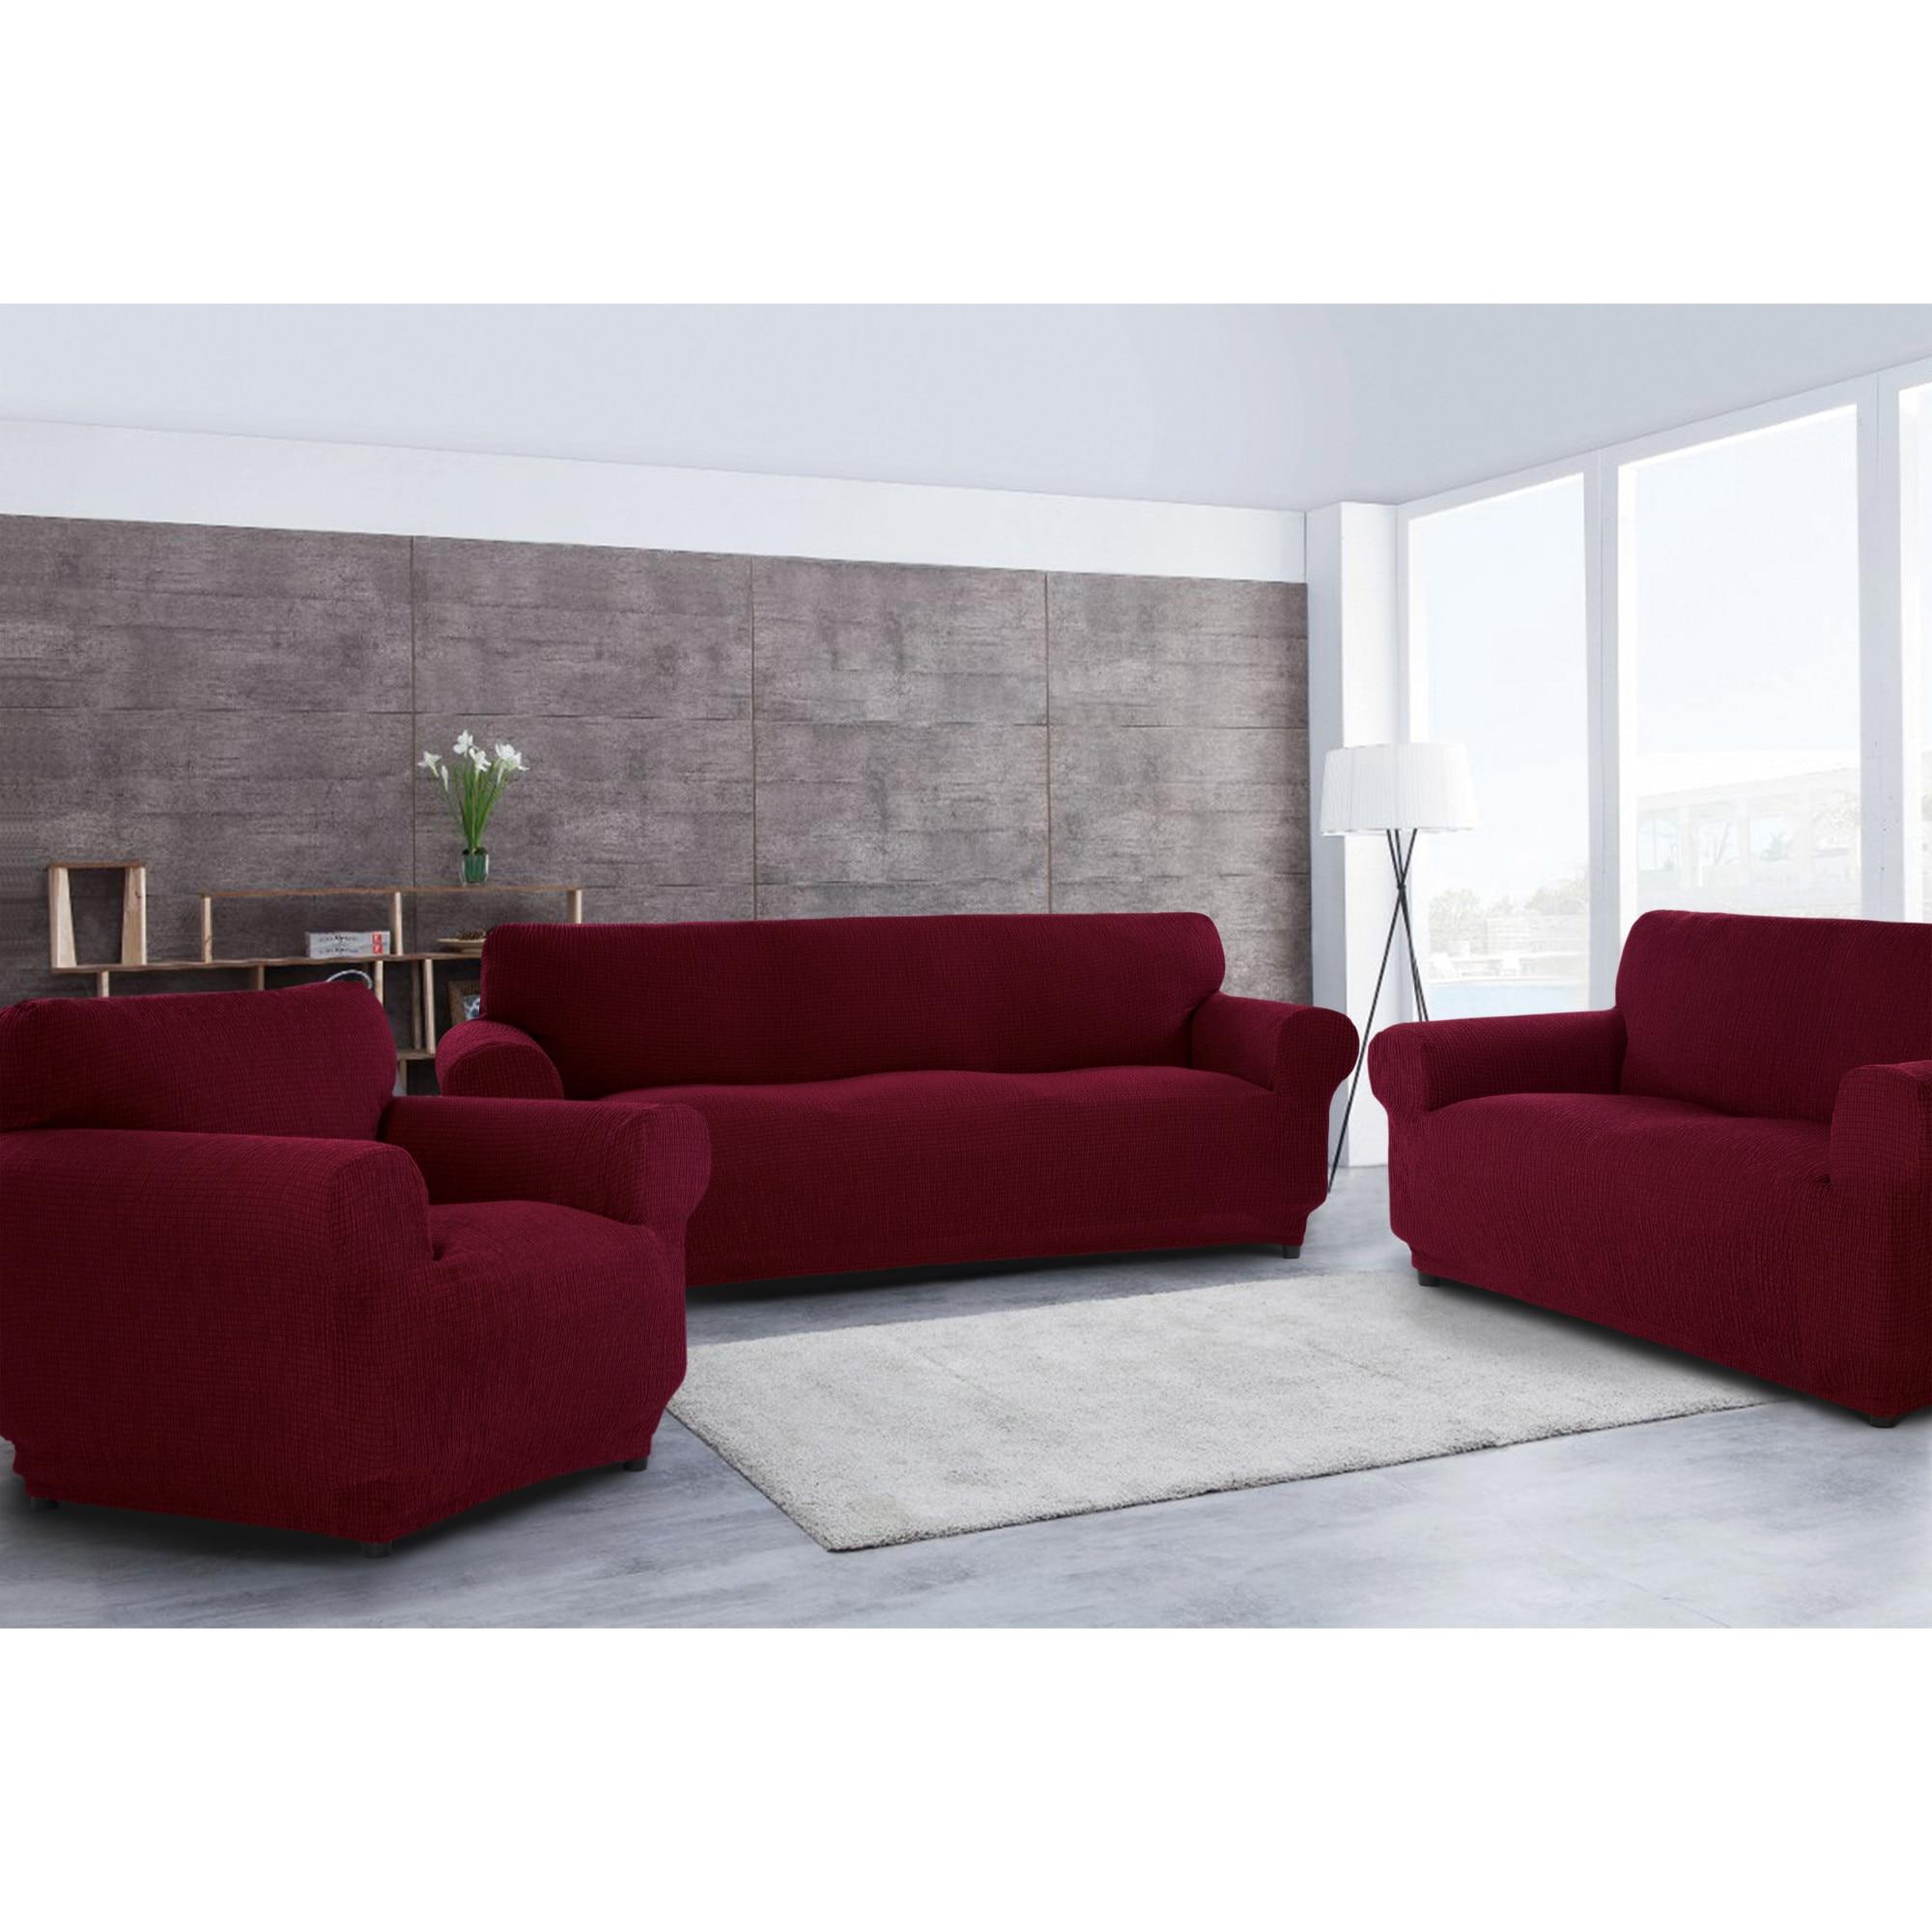 Fotografie Set huse elastice pentru o canapea 3 locuri, o canapea 2 locuri si 1 fotoliu Kring Brilliante, 60% bumbac+ 35% poliester + 5% elastan, Bordeaux